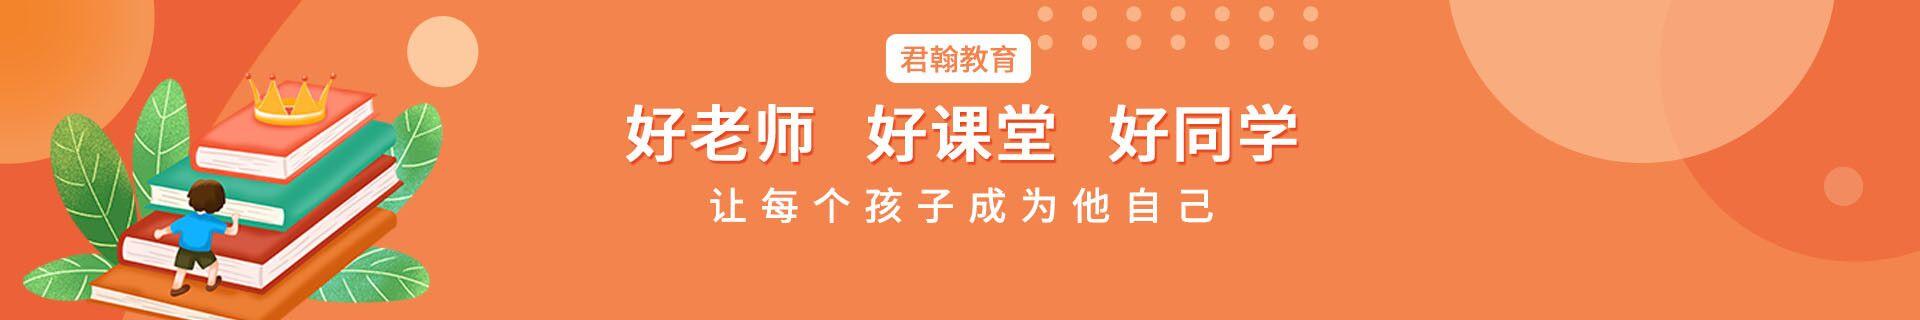 渭南富平县君翰教育